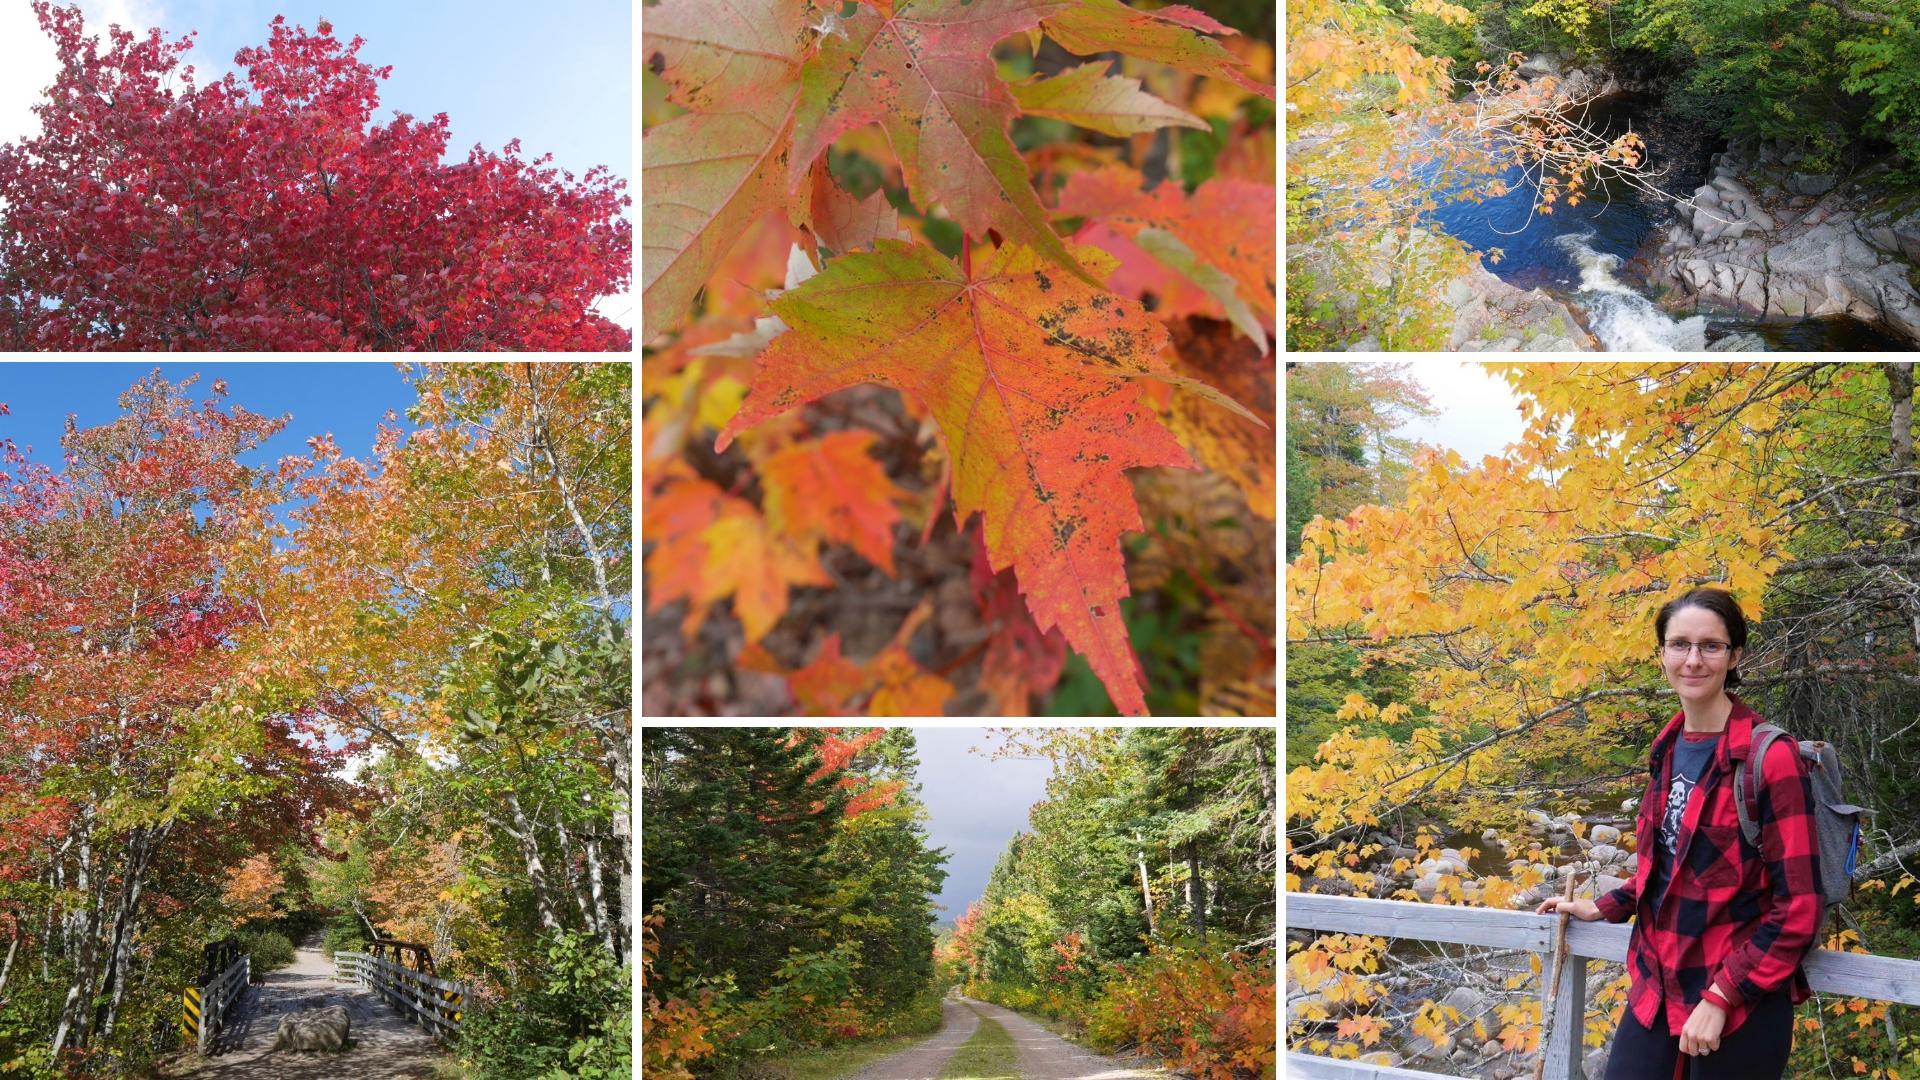 couleurs automne acadie nouvelle-ecosse road-trip